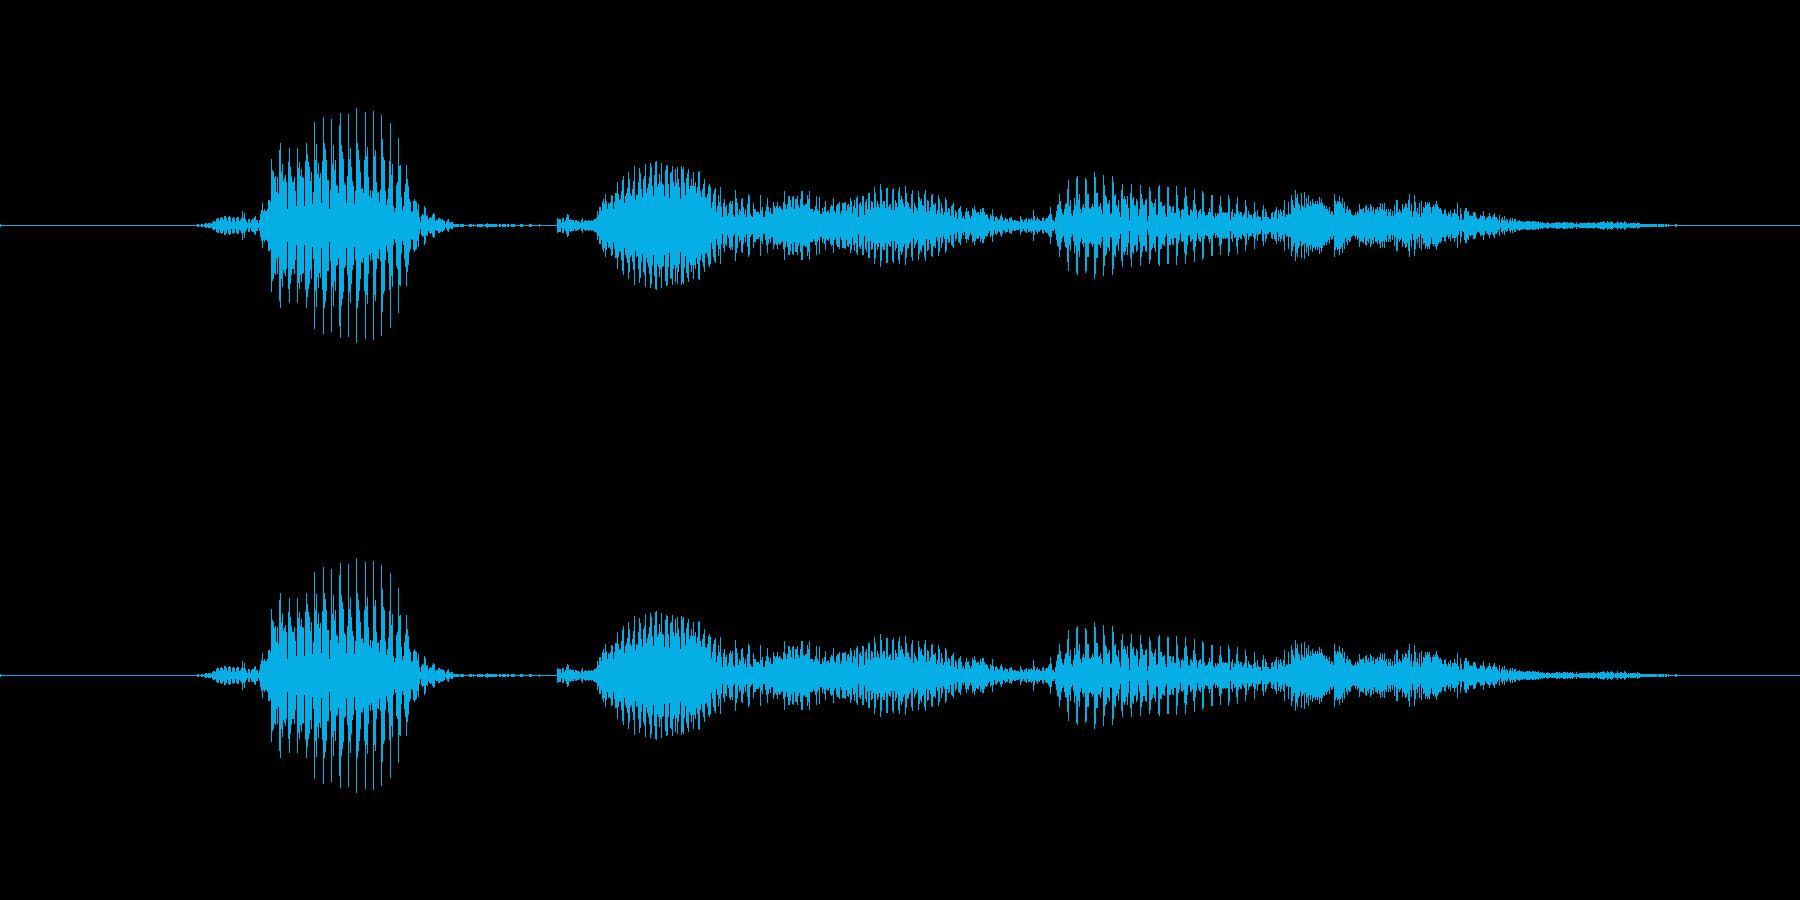 【時報・時間】6時ですの再生済みの波形